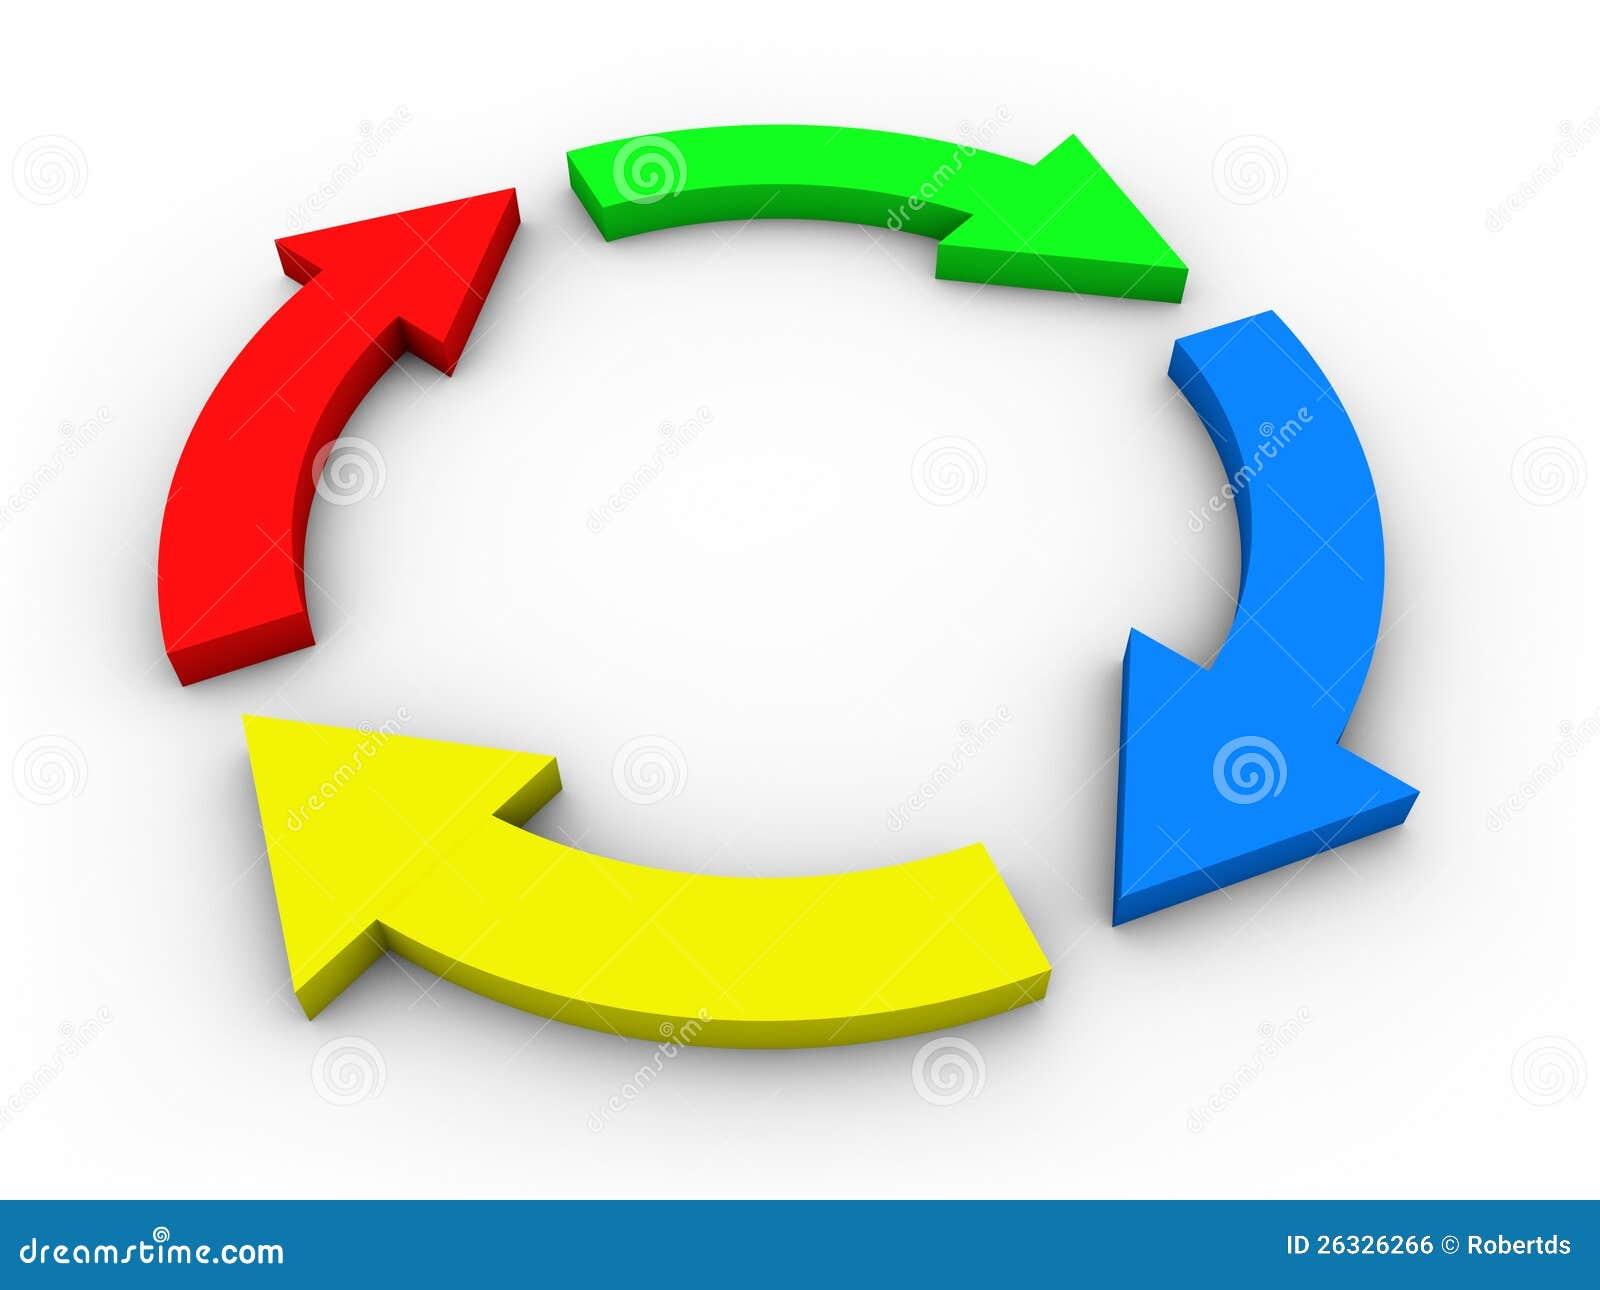 diagrama de fluxo circular com as setas coloridas